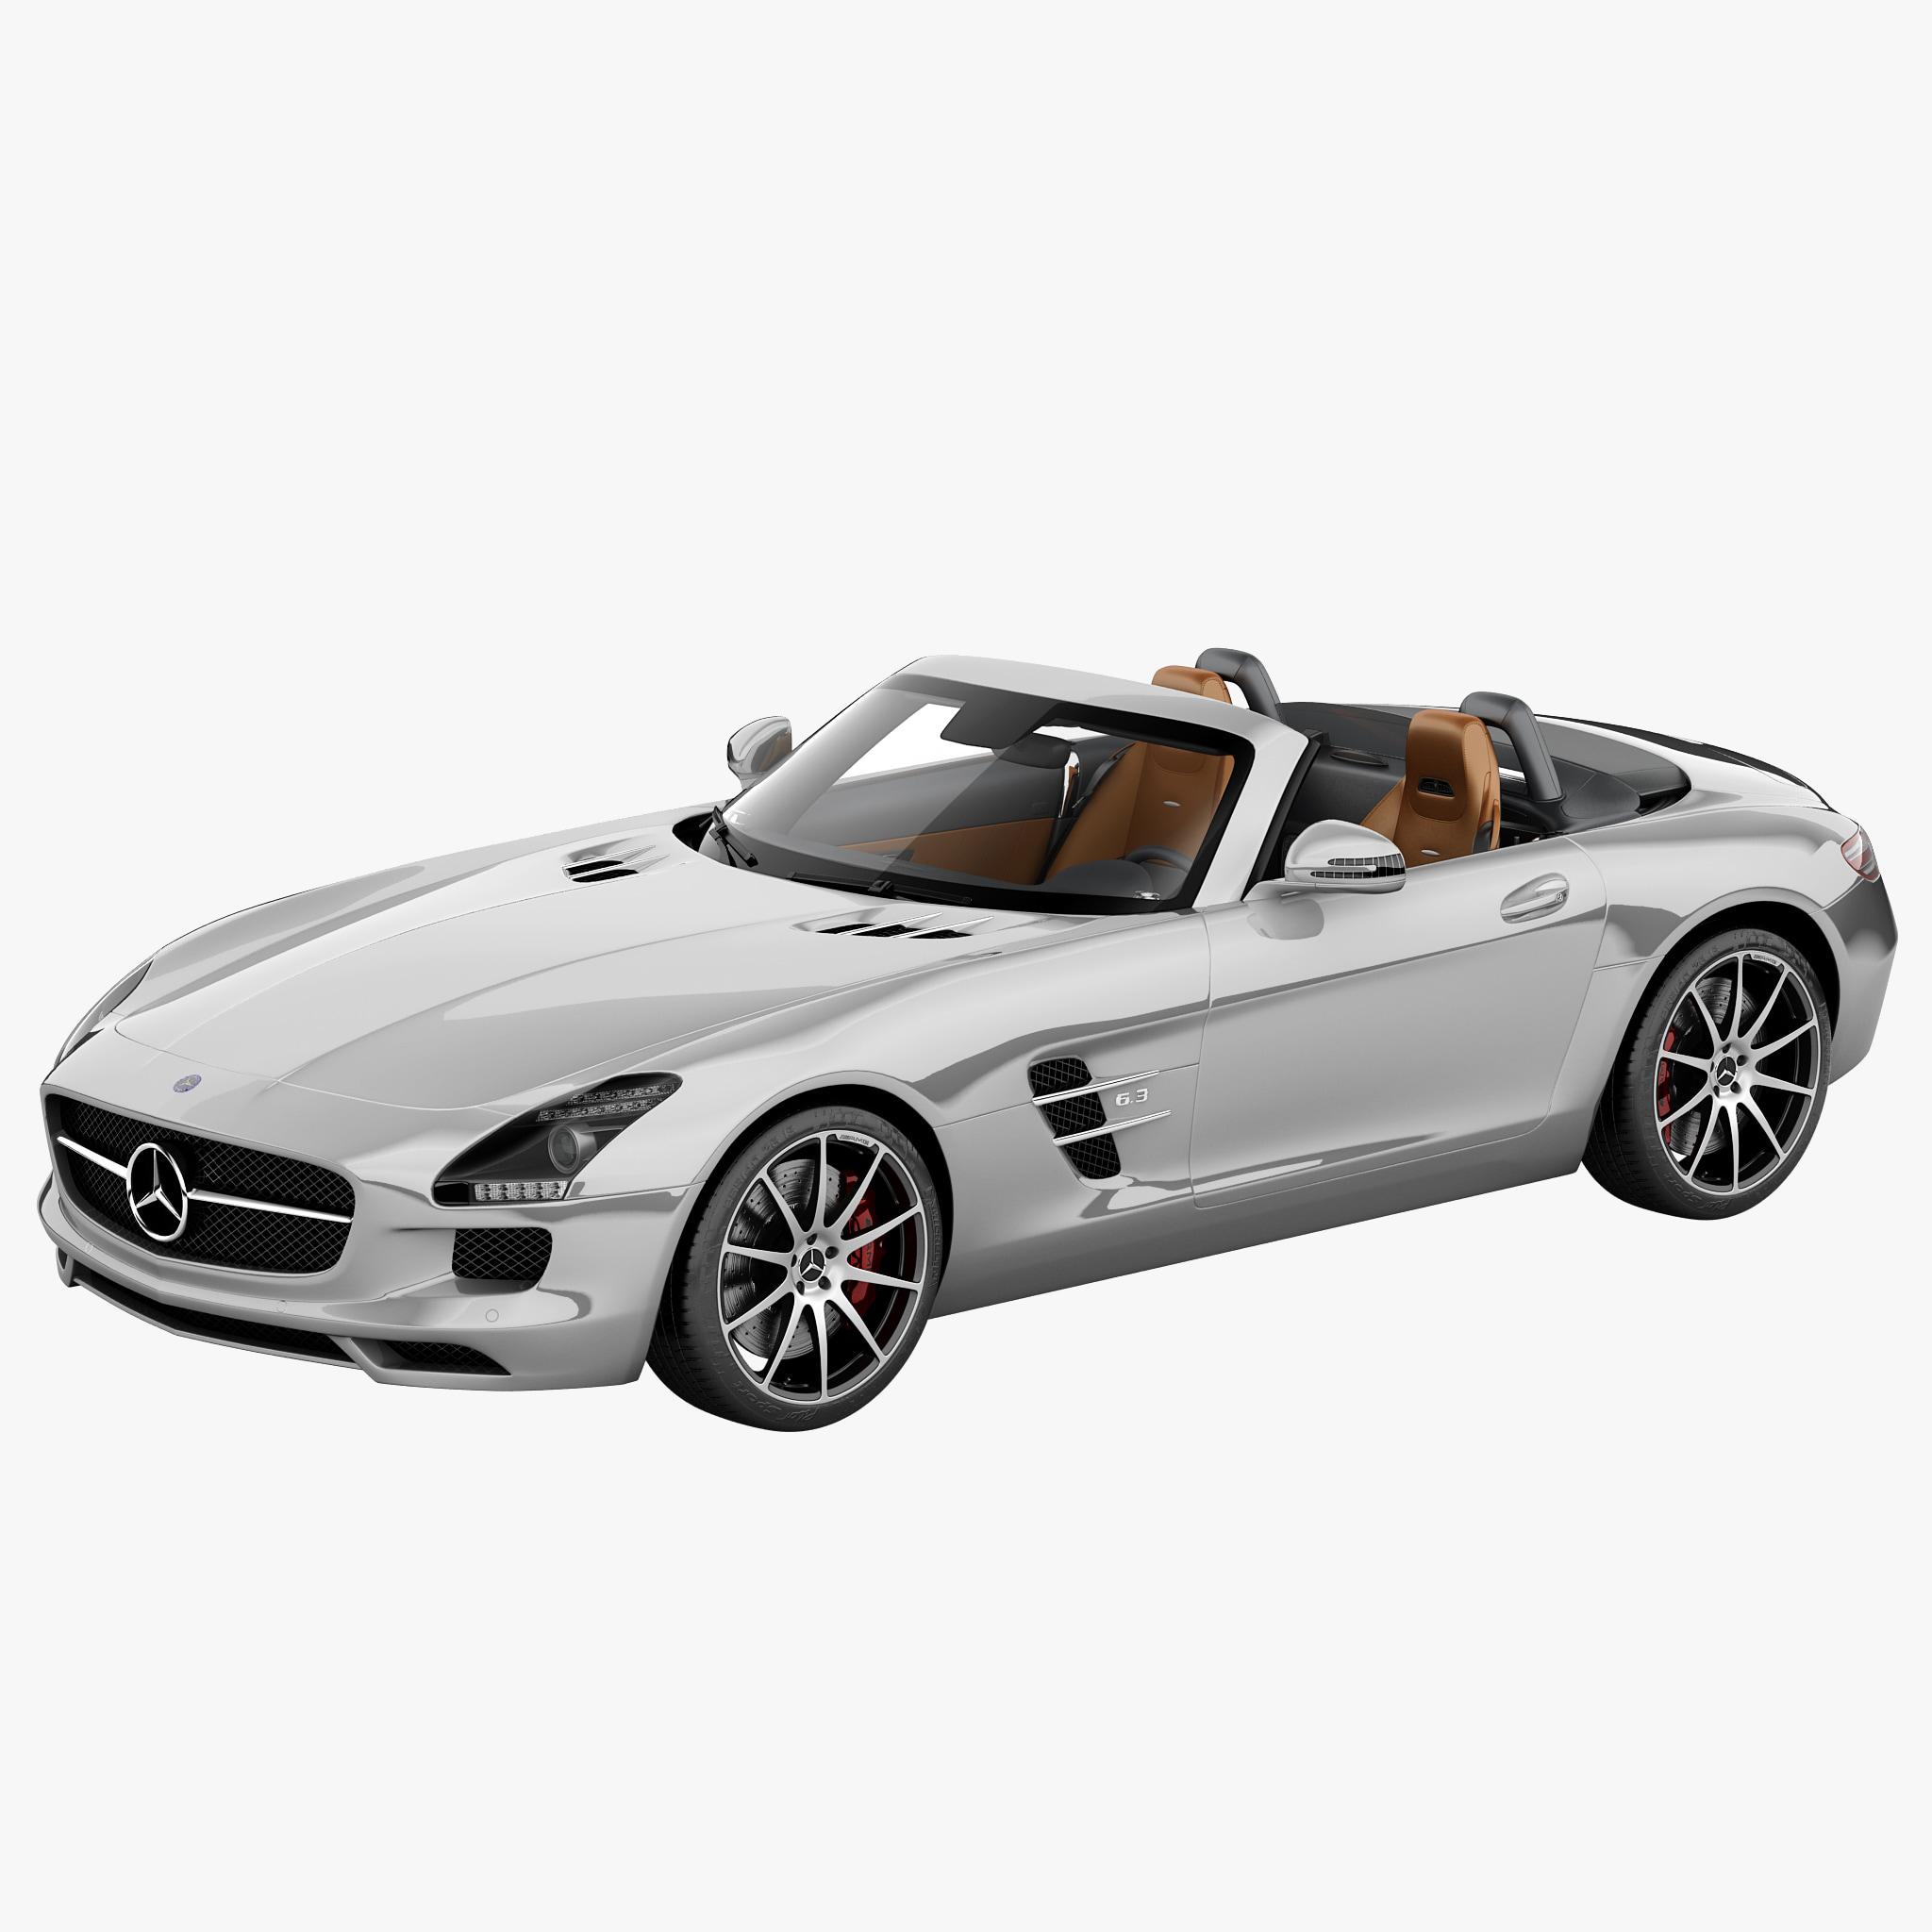 Mercedes benz sls amg 3d model for Mercedes benz sls amg toy car